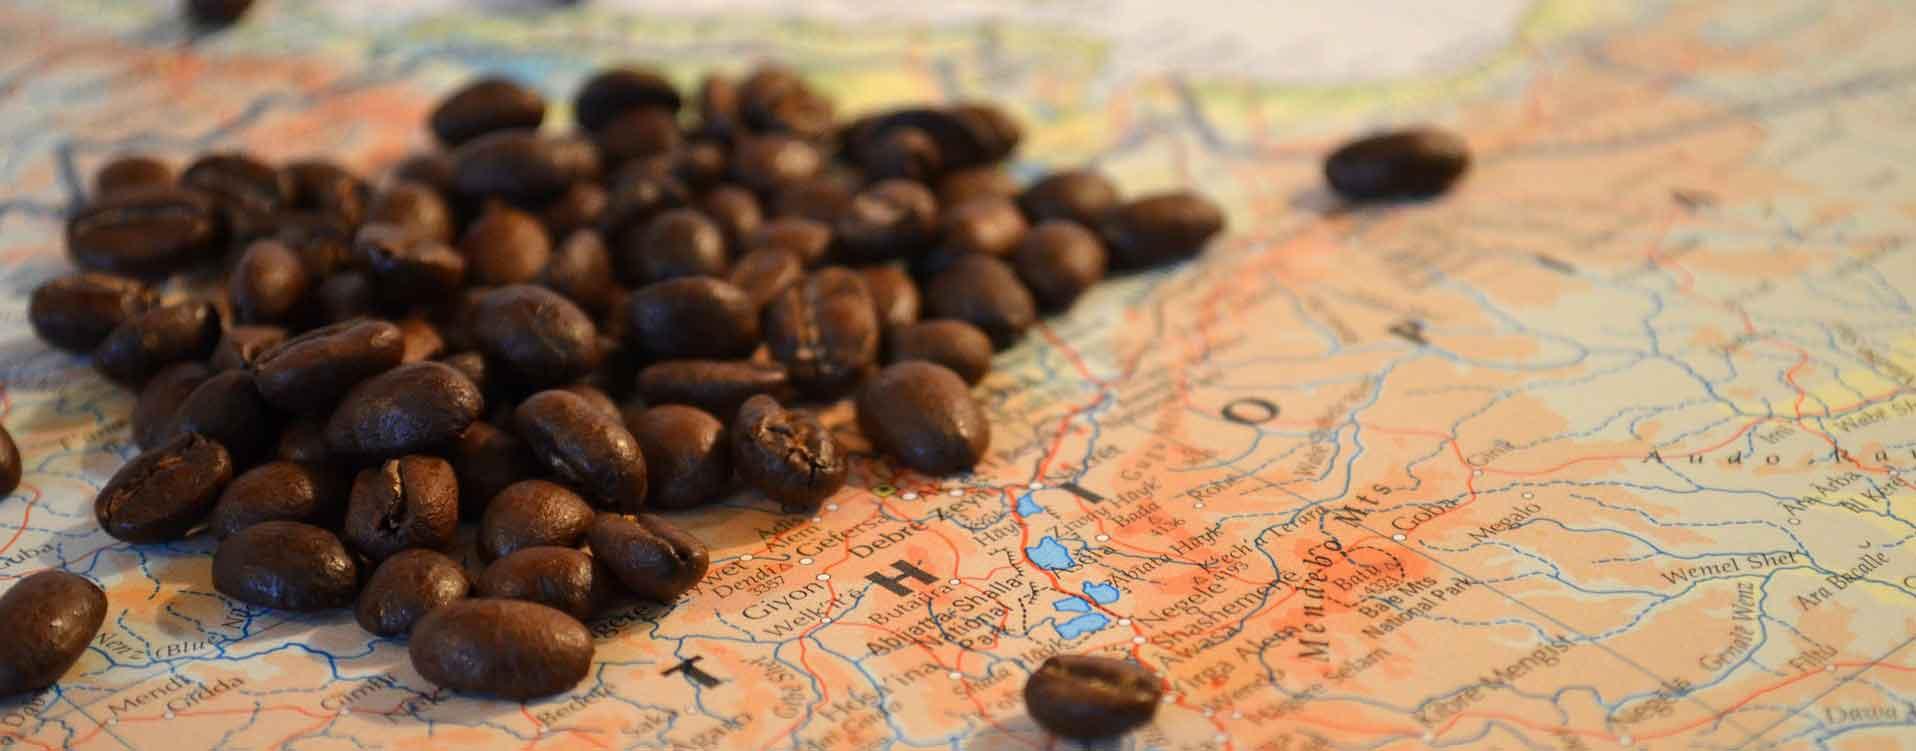 Herkunft des Kaffees